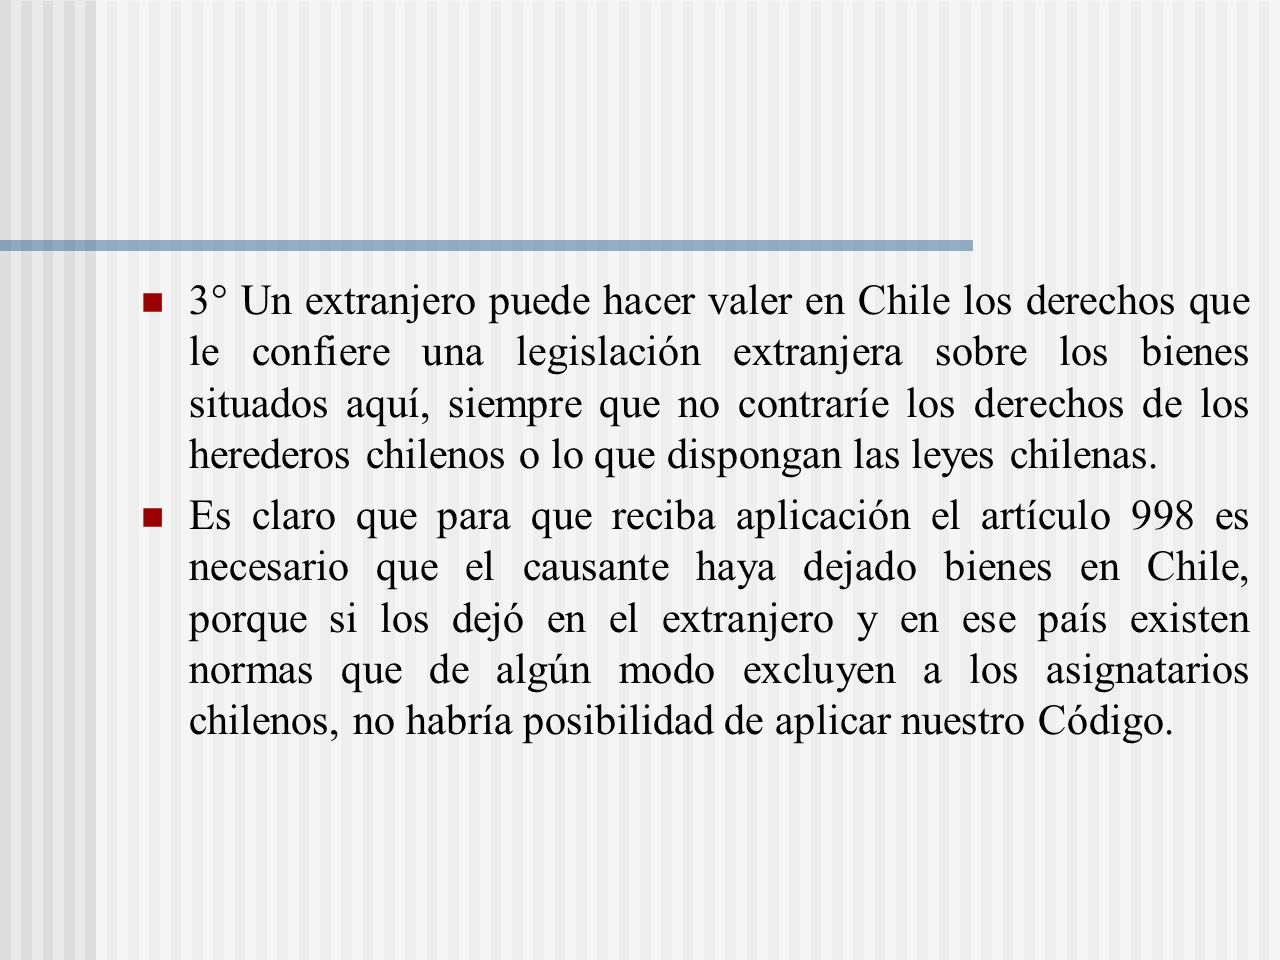 3° Un extranjero puede hacer valer en Chile los derechos que le confiere una legislación extranjera sobre los bienes situados aquí, siempre que no contraríe los derechos de los herederos chilenos o lo que dispongan las leyes chilenas.